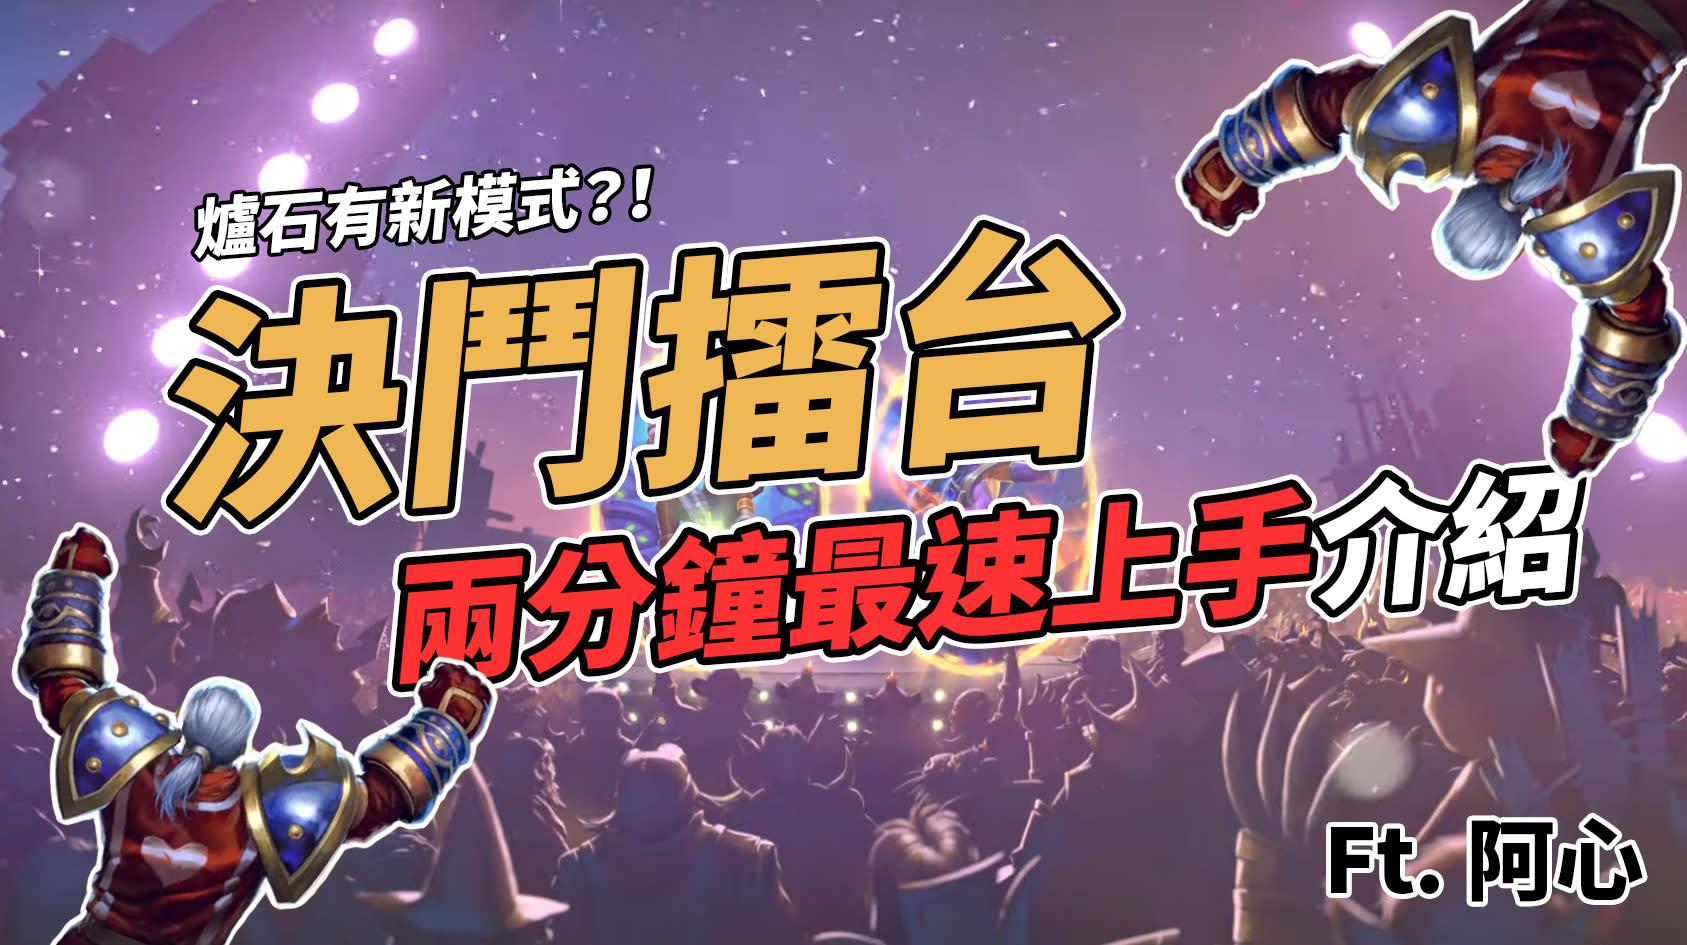 《爐石戰記》有新模式?!「決鬥擂台」兩分鐘最速上手介紹 ft. 阿心